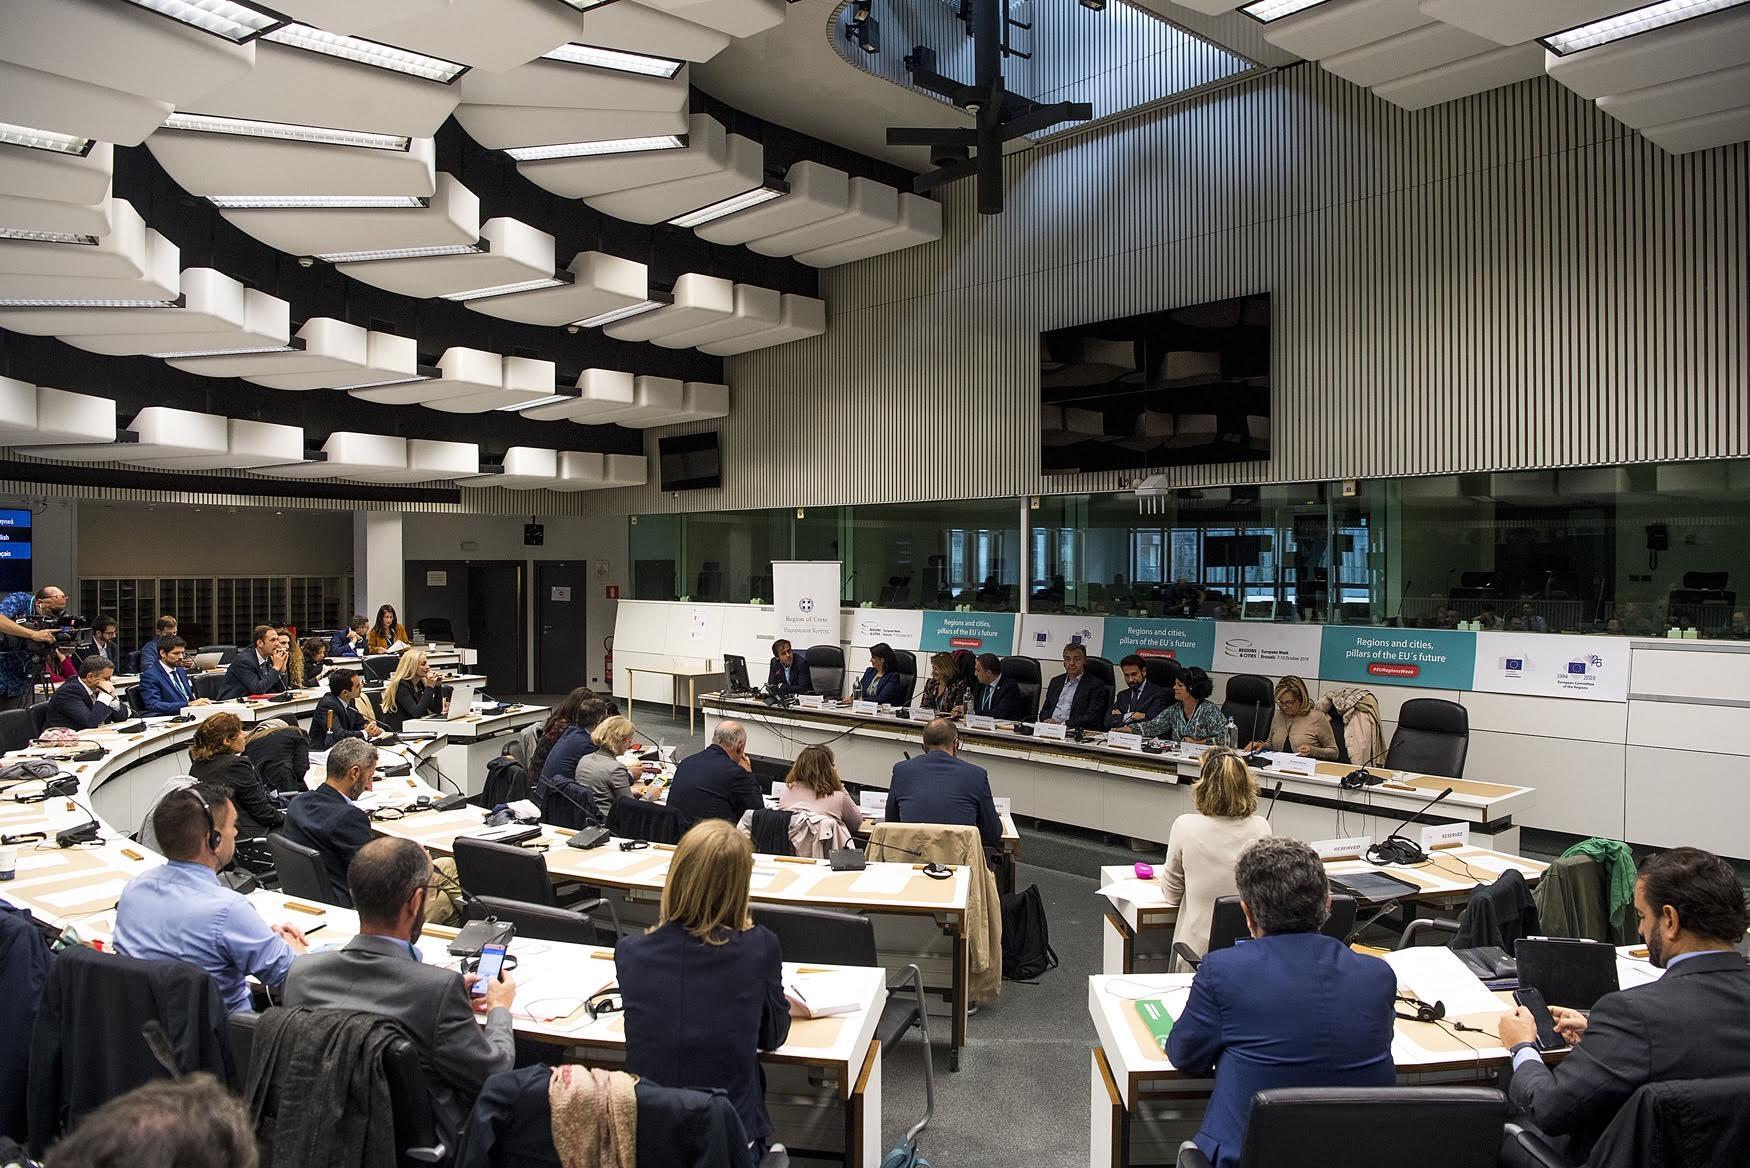 0-4-14 Δυναμική παρουσία της Περιφέρειας στις Βρυξέλλες